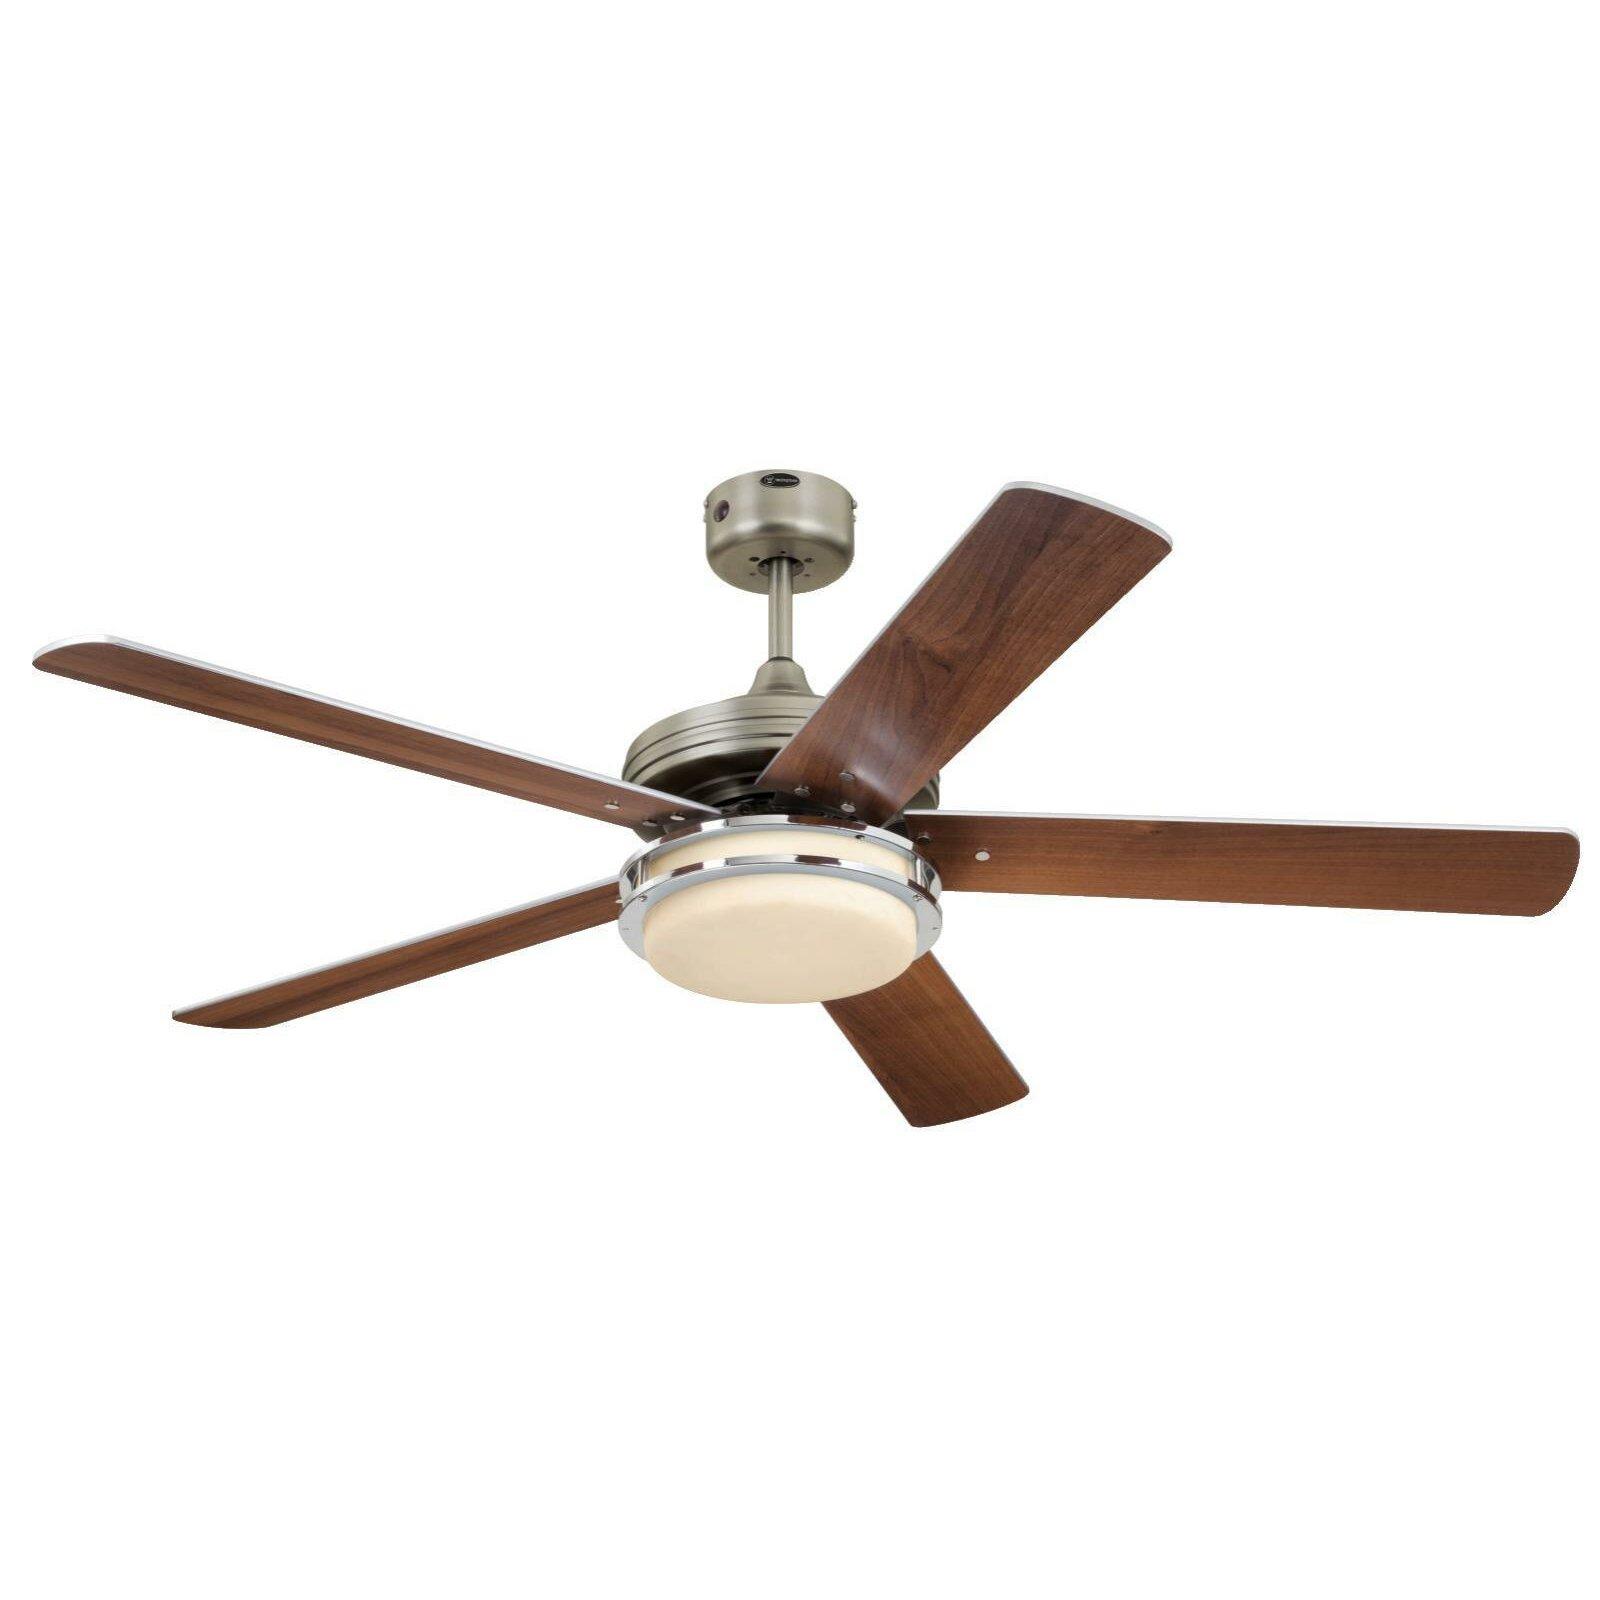 Westinghouse 132cm Hercules Surpreme 5 Blade Ceiling Fan